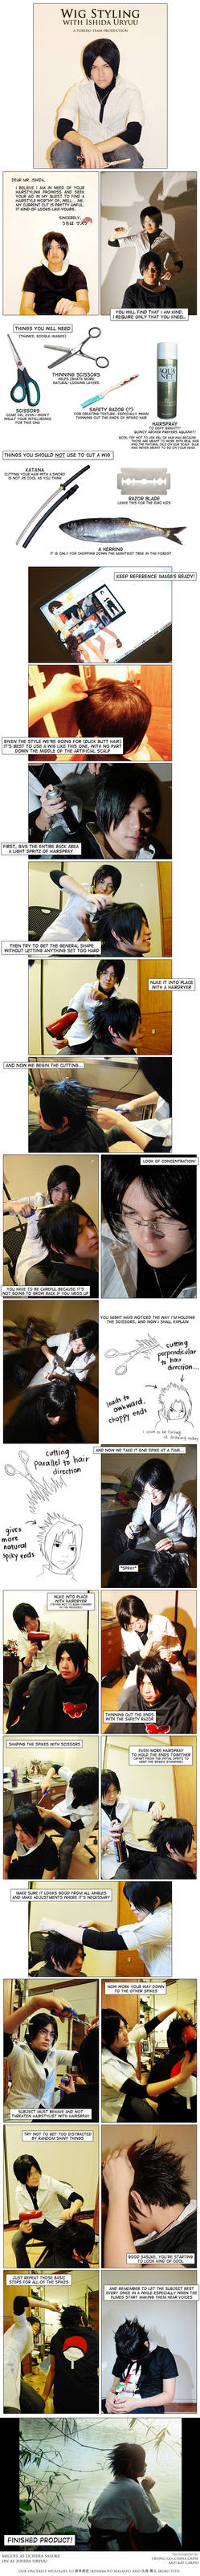 Wig Styling with Ishida Uryuu